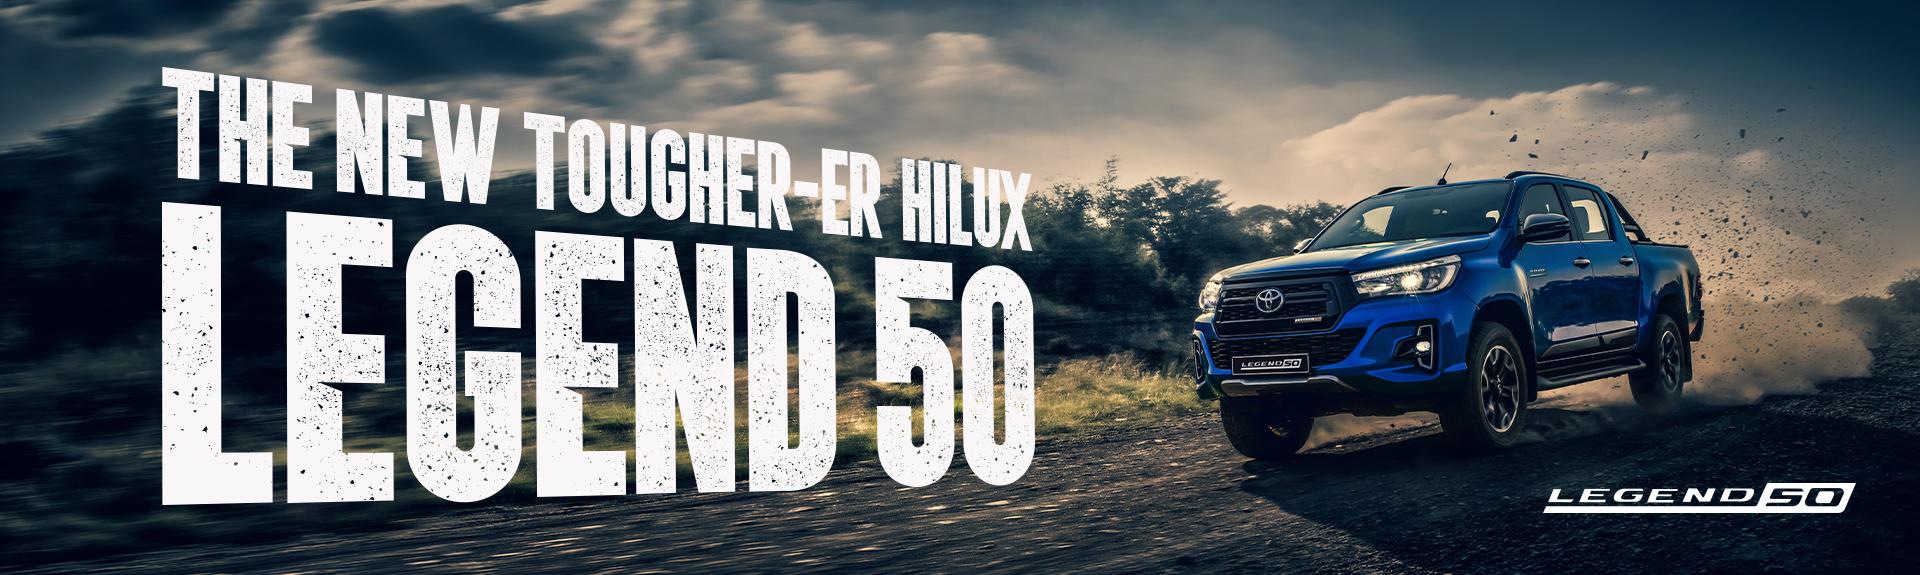 Hilux Legend 50